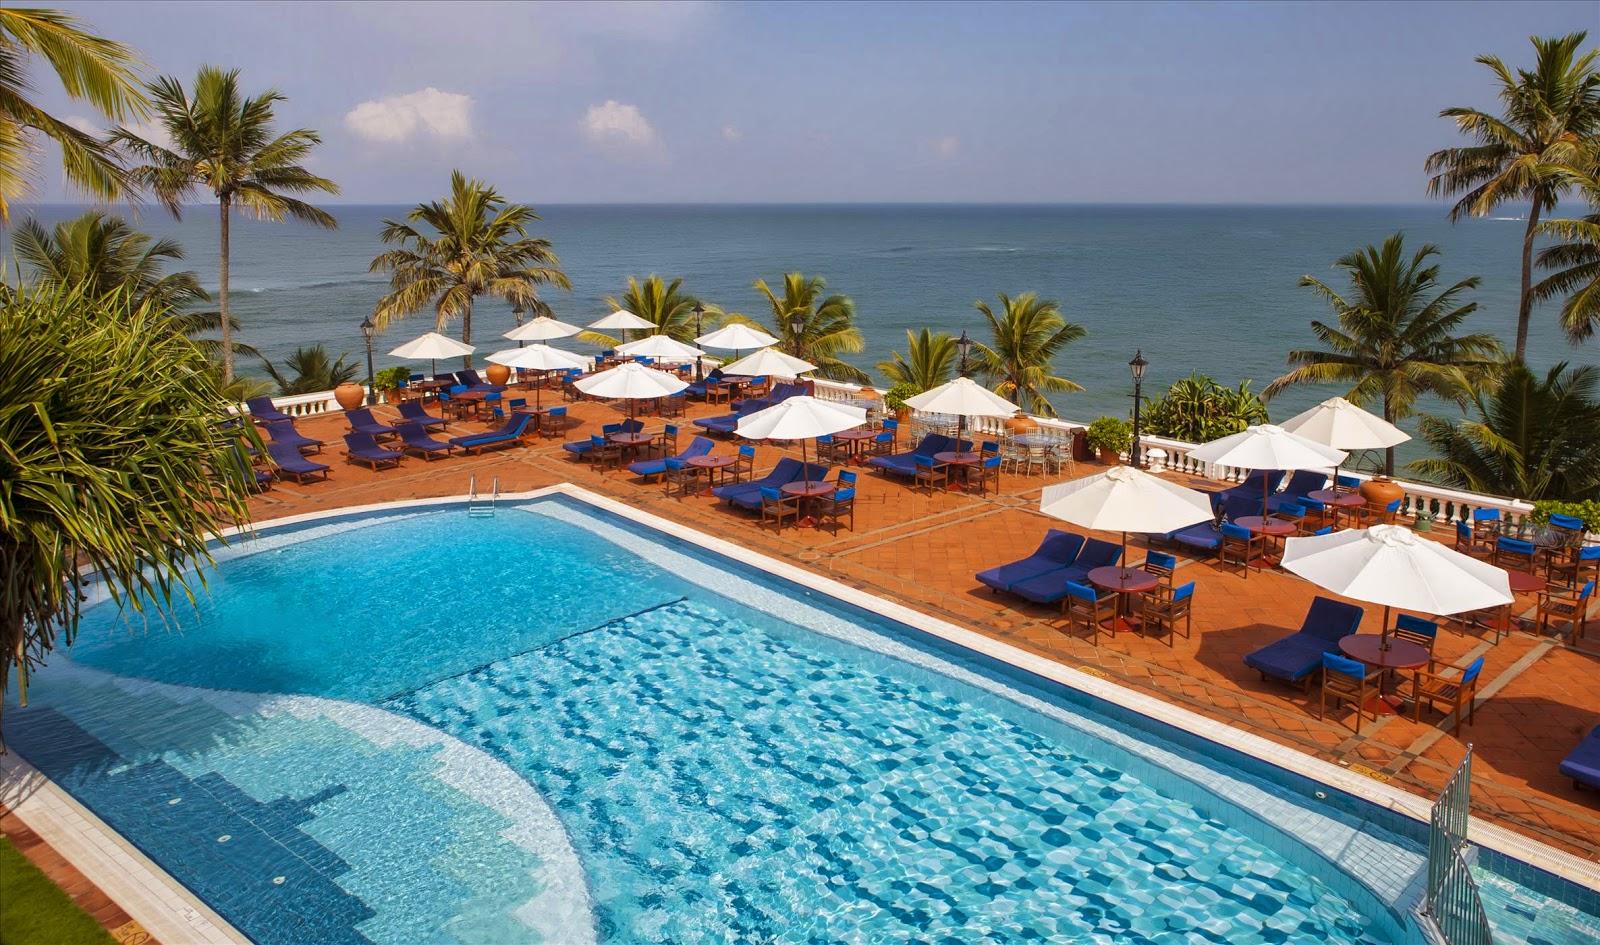 Mt. Lavinia Hotel Sri Lanka Pool